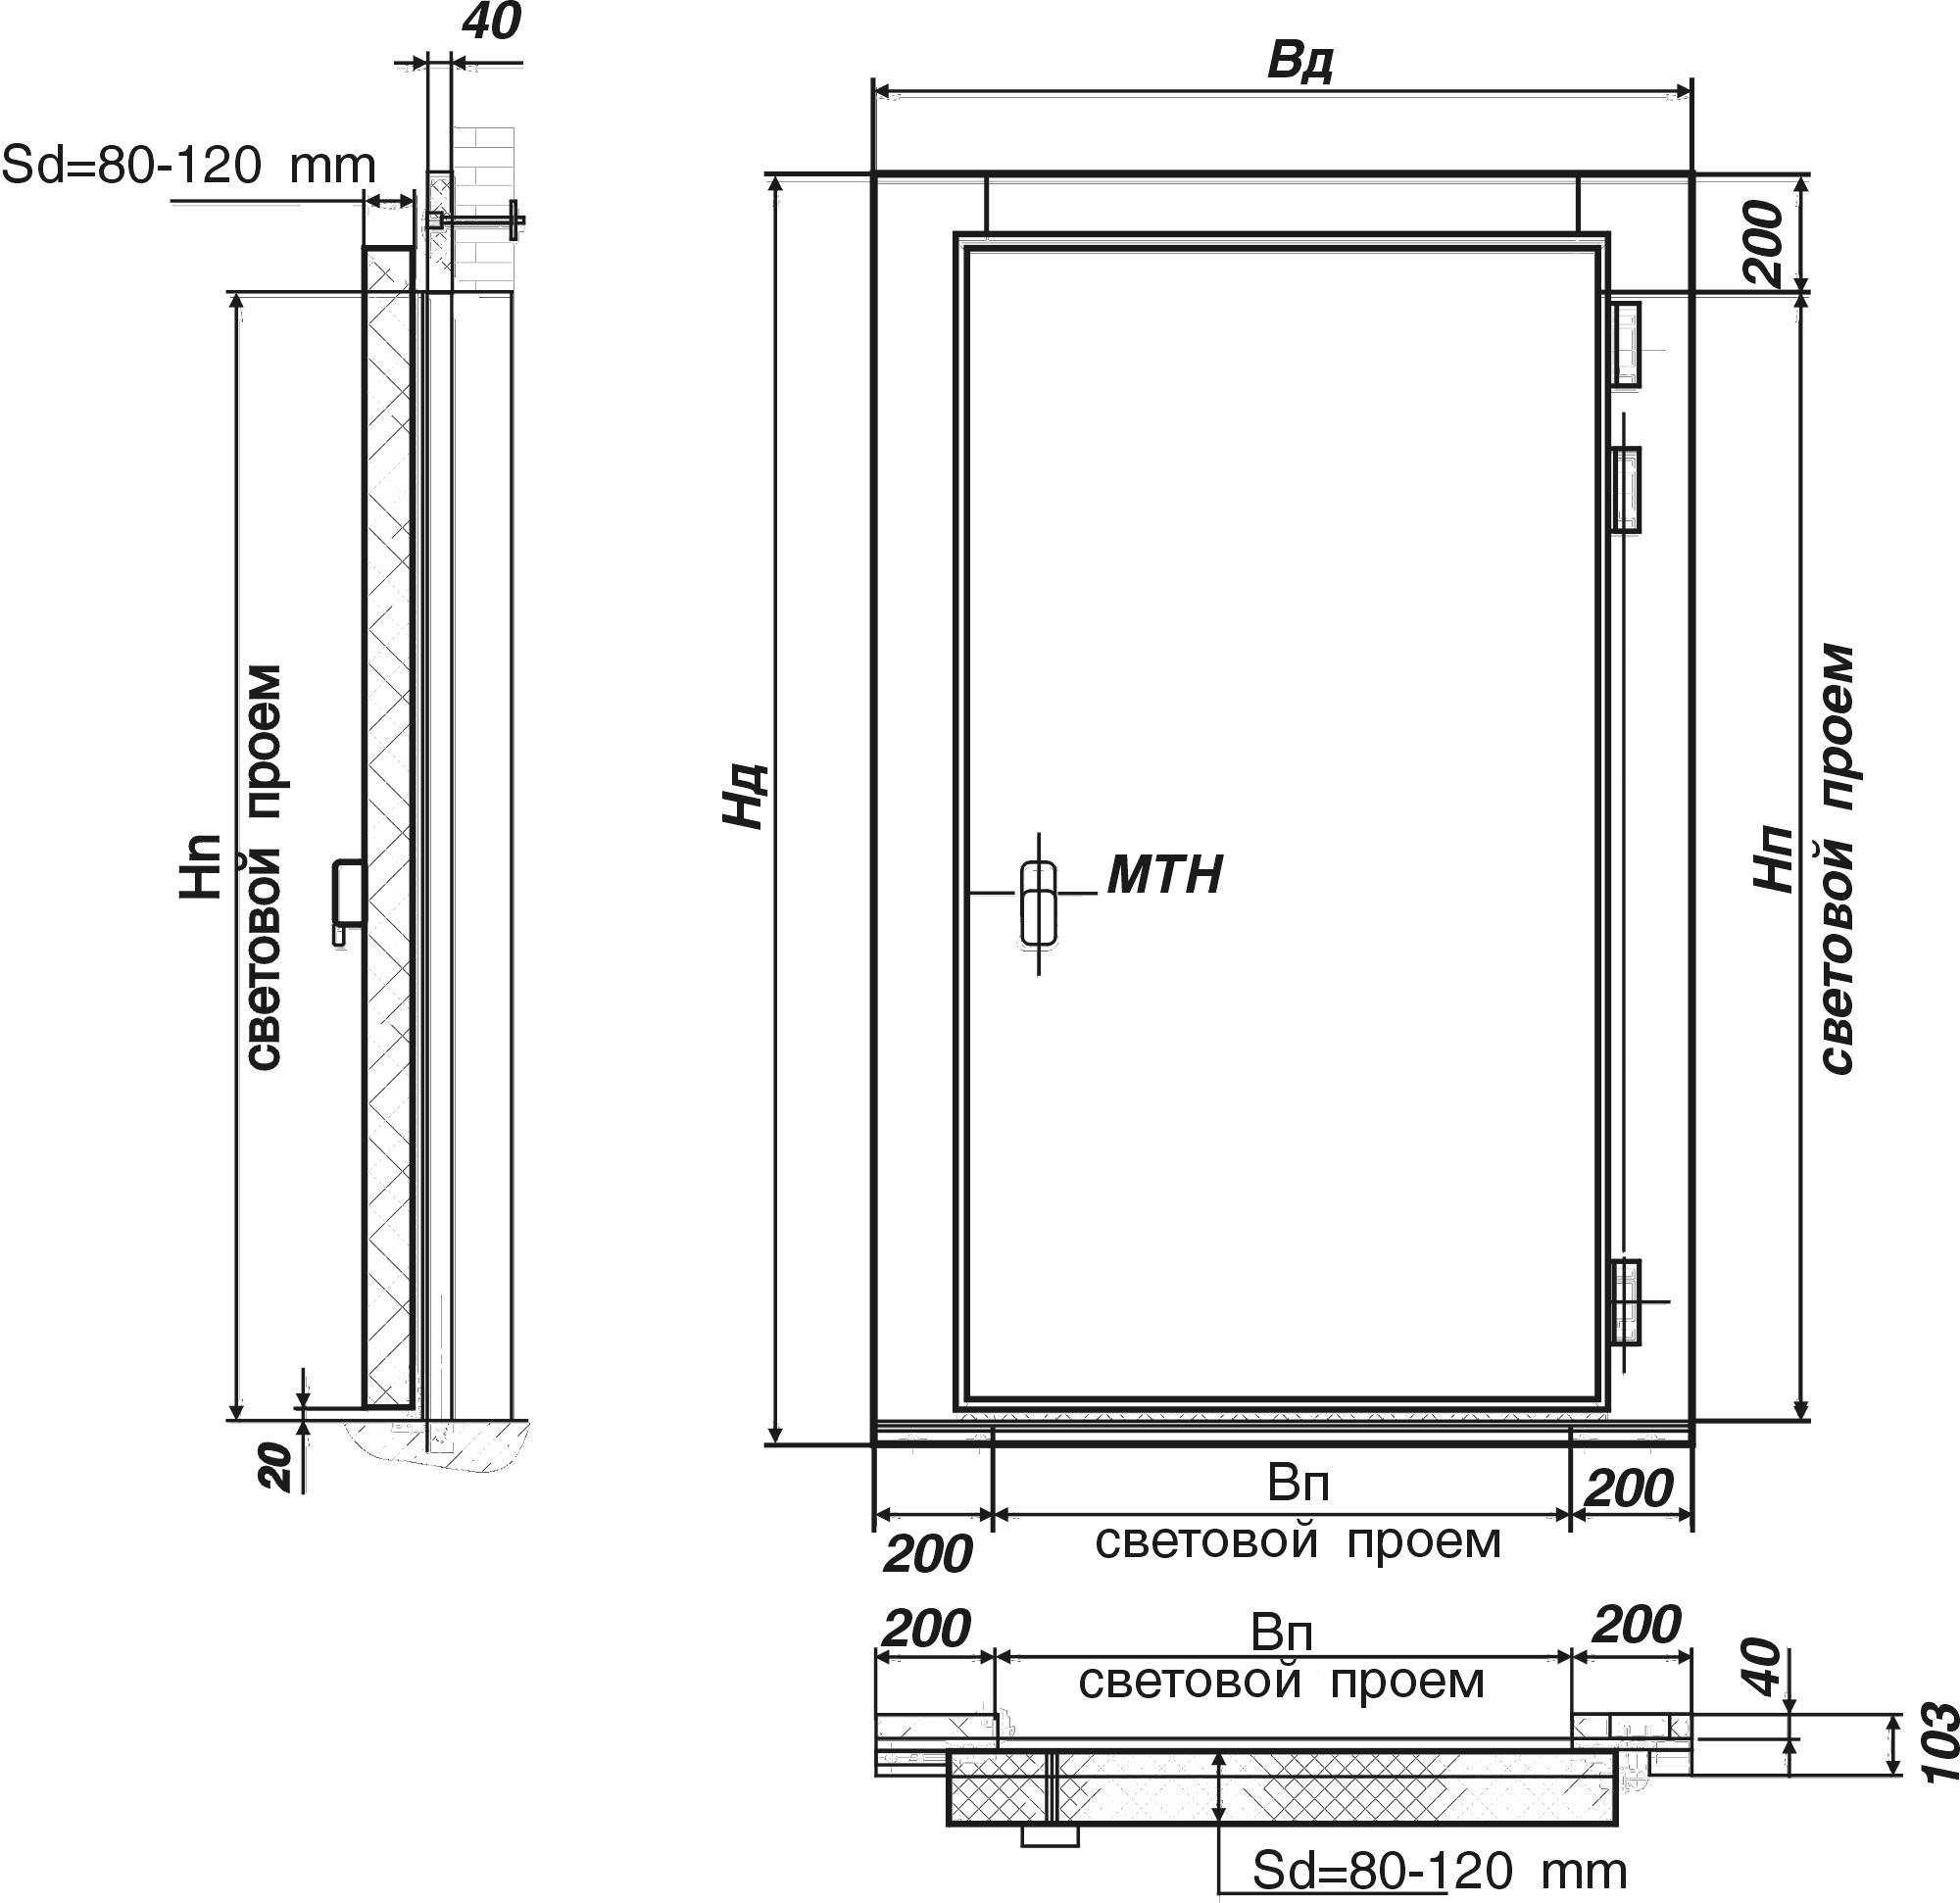 Размер дверного полотна: как выбрать по длине, ширине и толщине